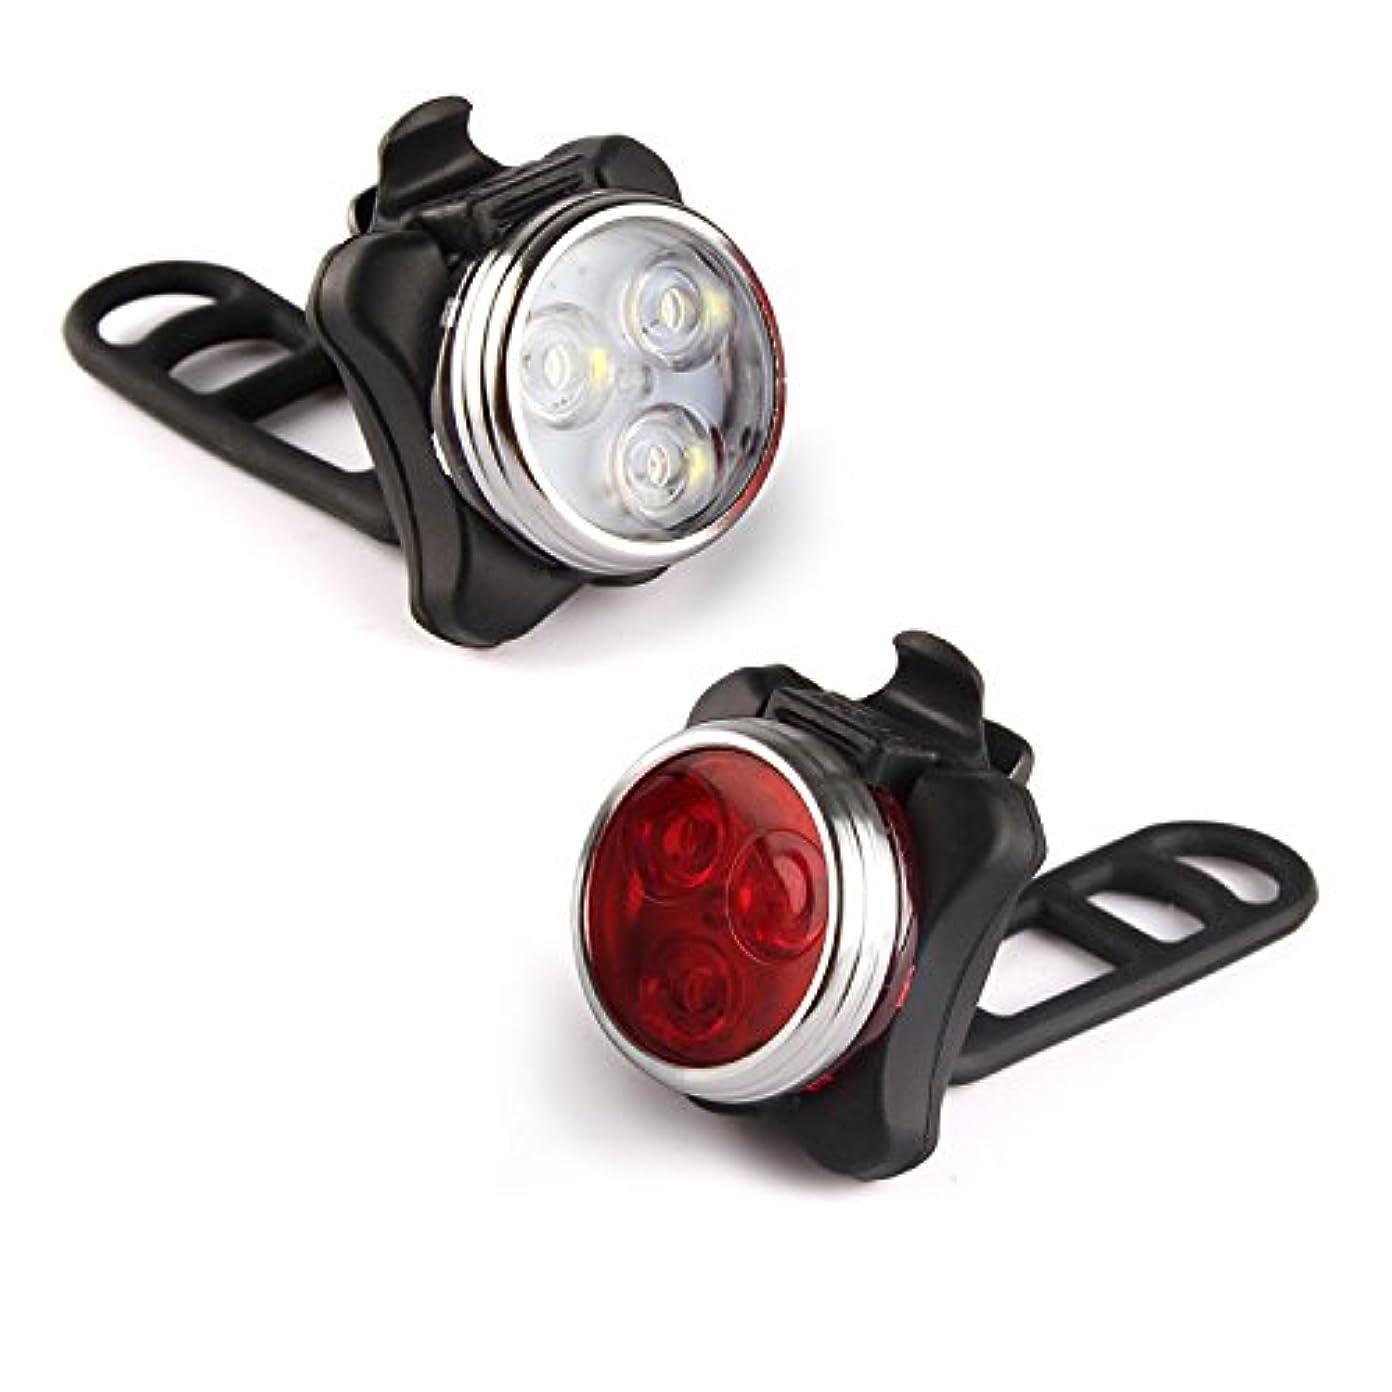 オセアニアエゴイズム慣れている4つのライトモードのオプションUSB充電式自転車ライトセット、防水IPX4スーパーブライトフロントヘッドライトとフリーリアLED自転車ライト、すべてのバイクにフィット